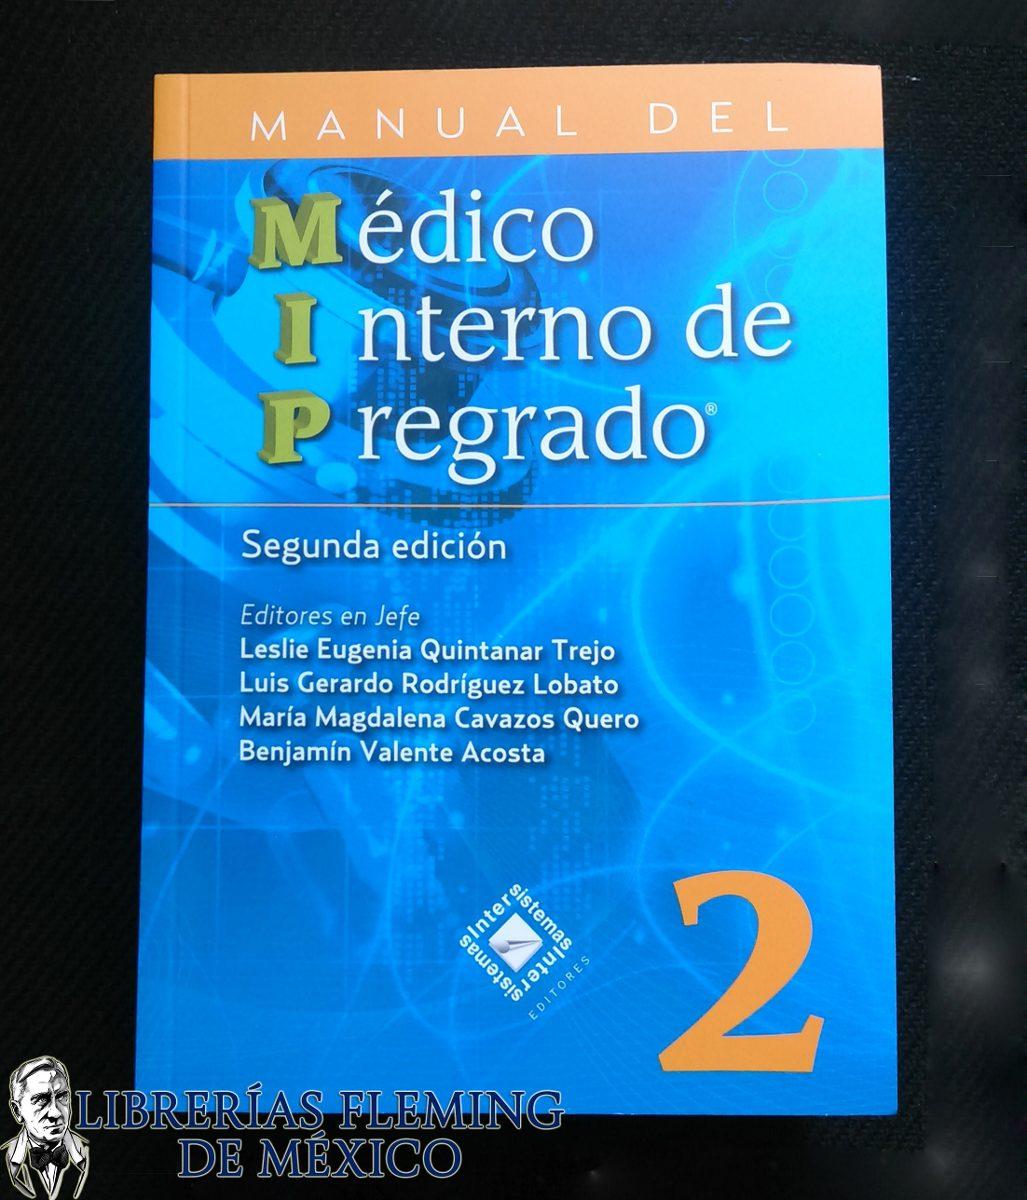 manual del medico interno de pregrado pdf descargar gratis